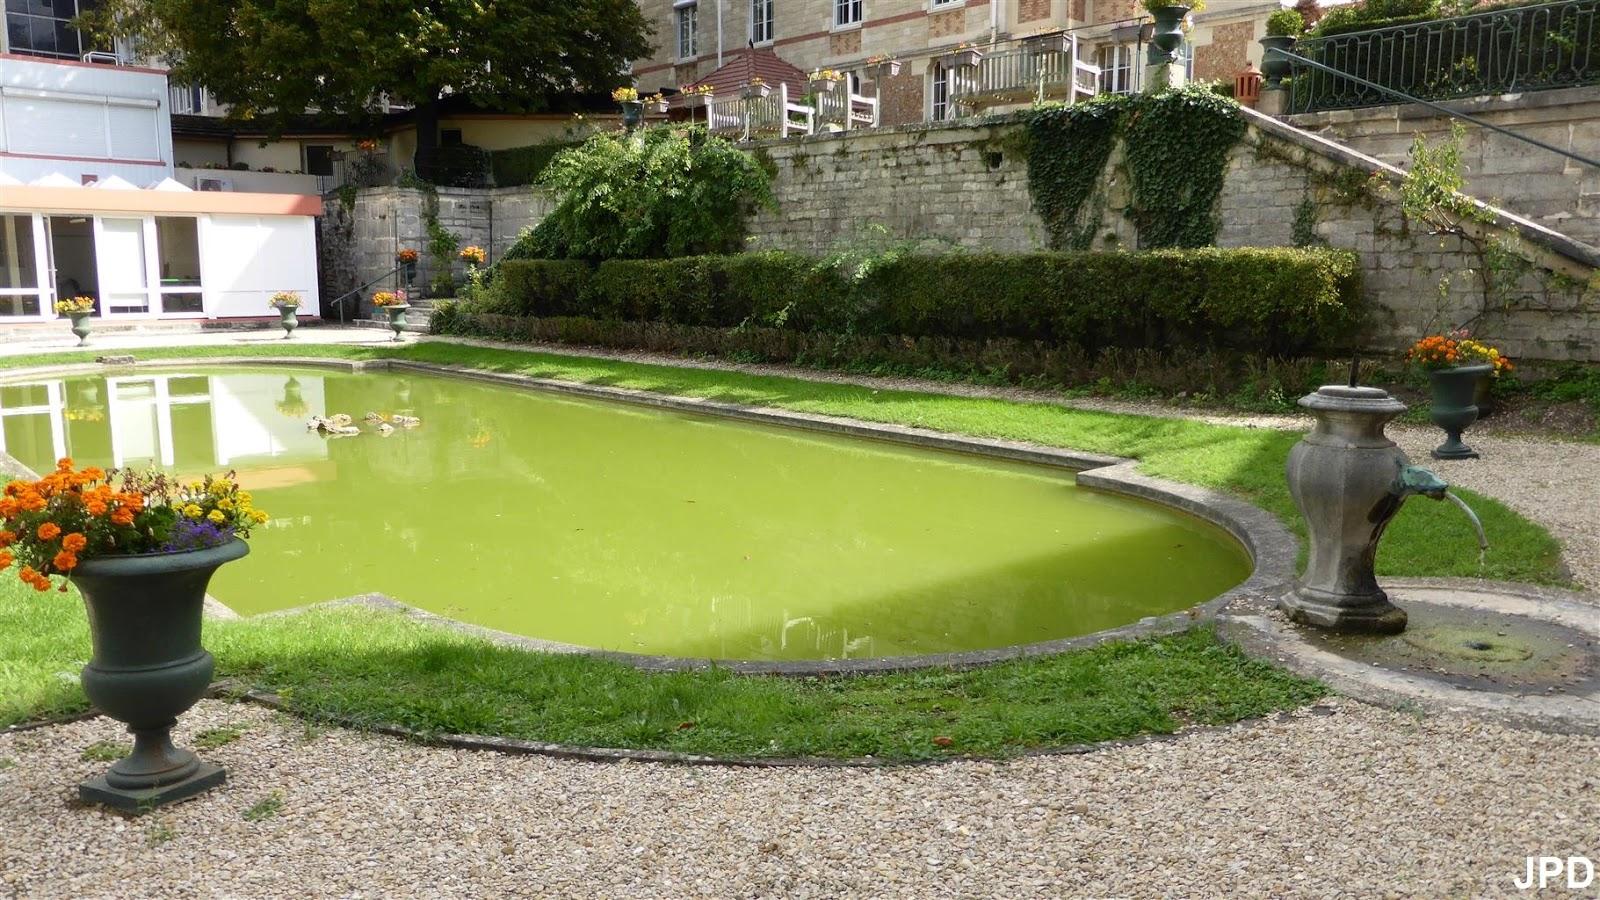 Paris bise art maison suisse de retraite issy les - Jardin botanique issy les moulineaux ...